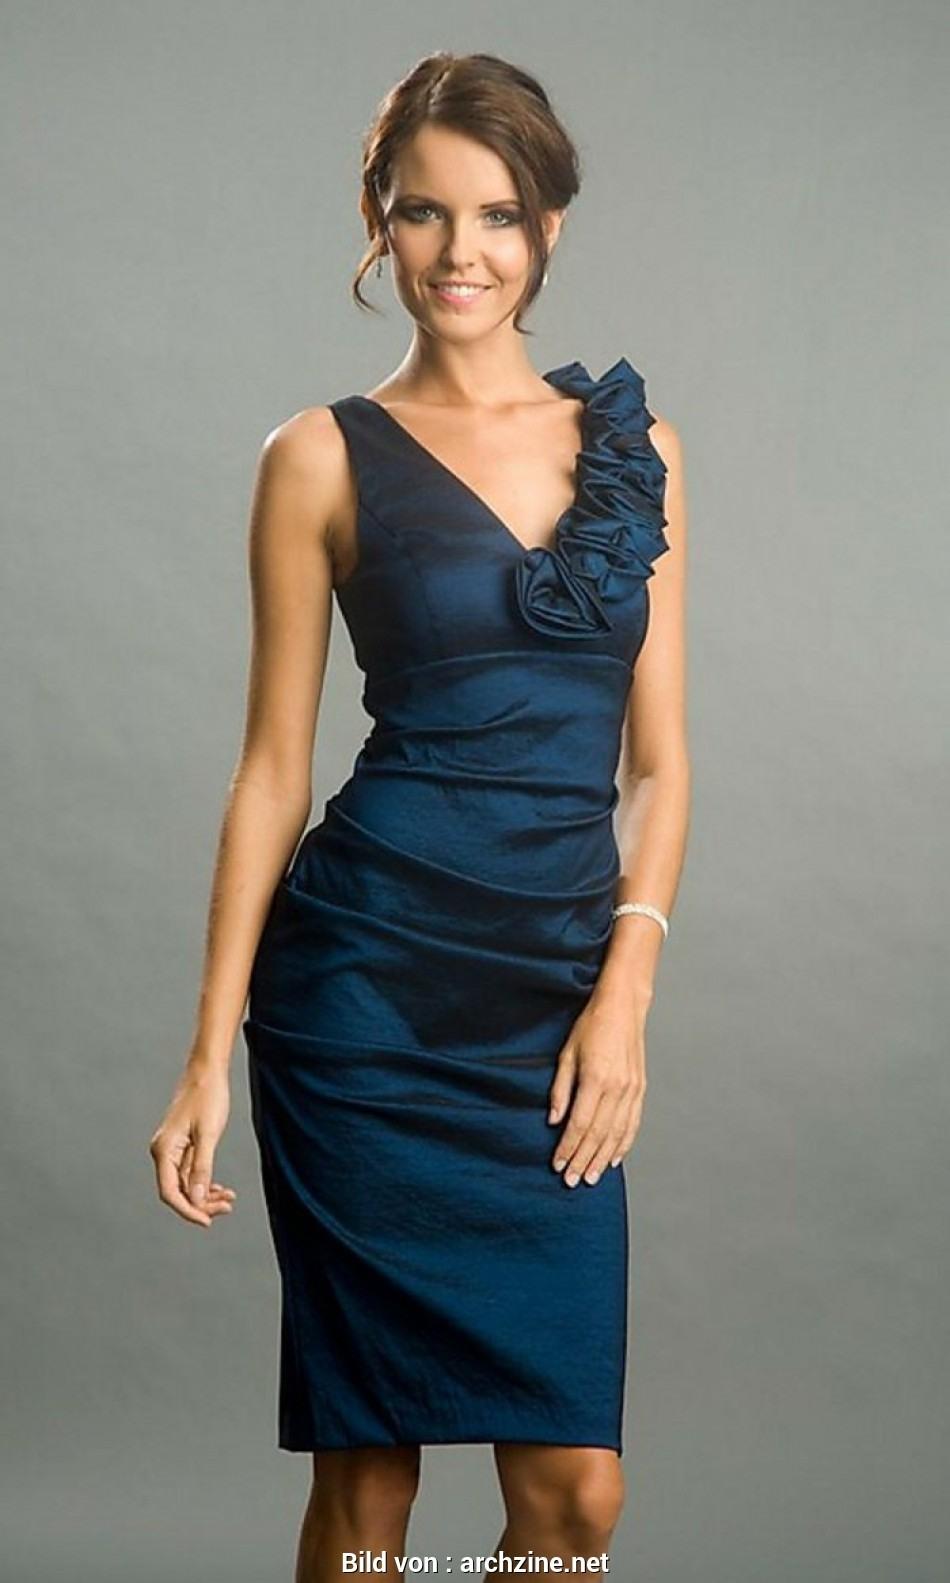 13 Erstaunlich Elegante Kleider Kurz DesignAbend Cool Elegante Kleider Kurz Spezialgebiet